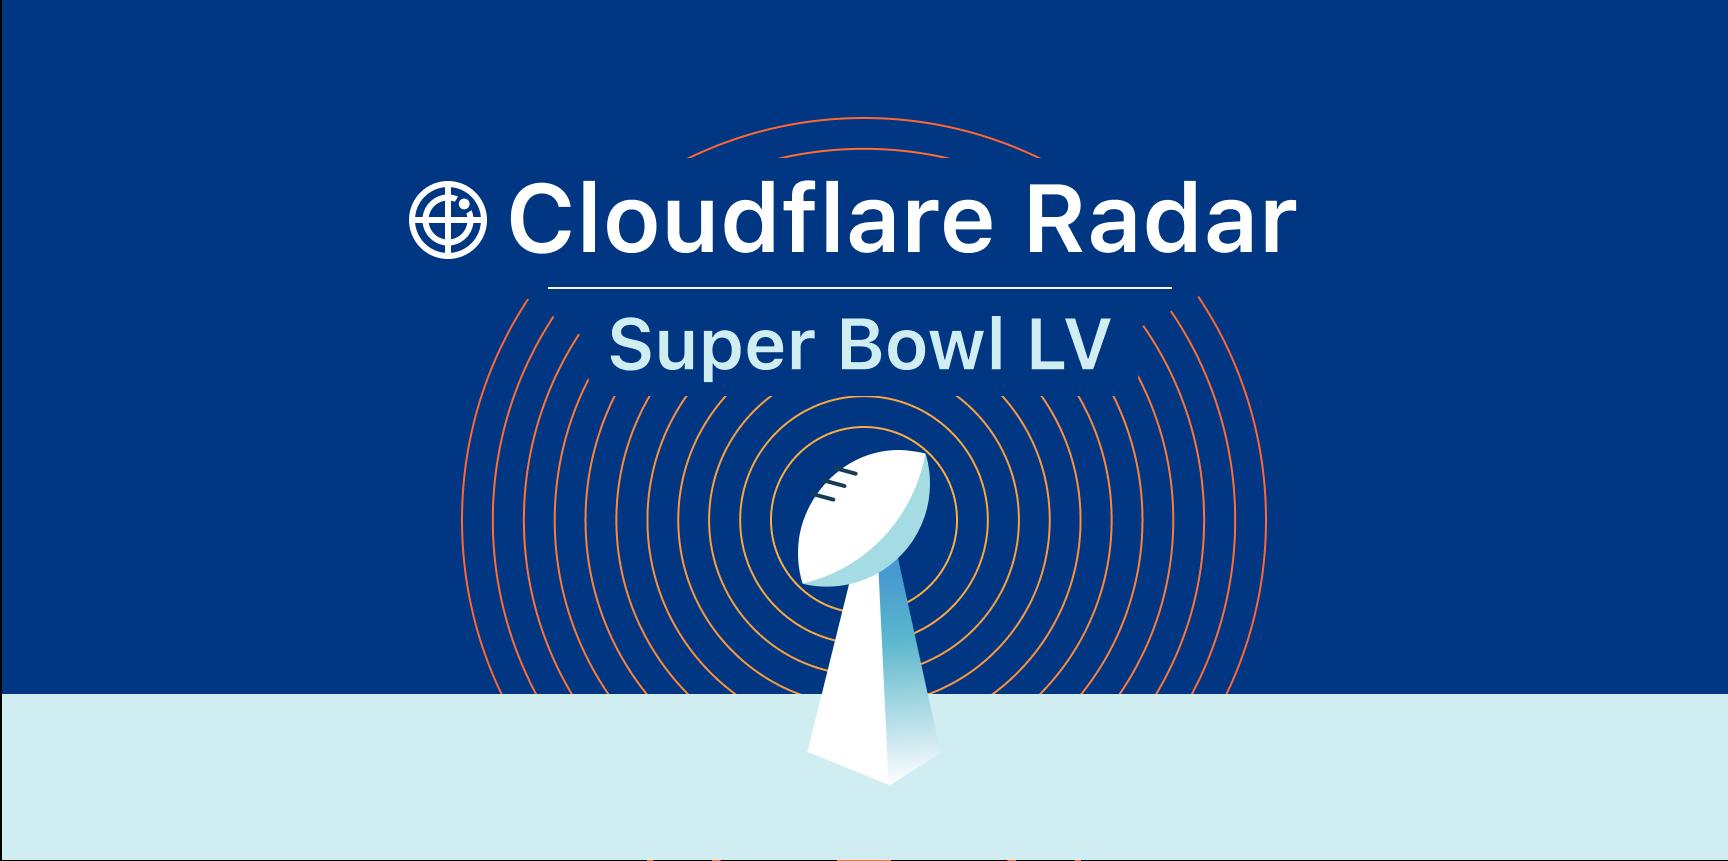 Super Bowl LV on Cloudflare's Radar